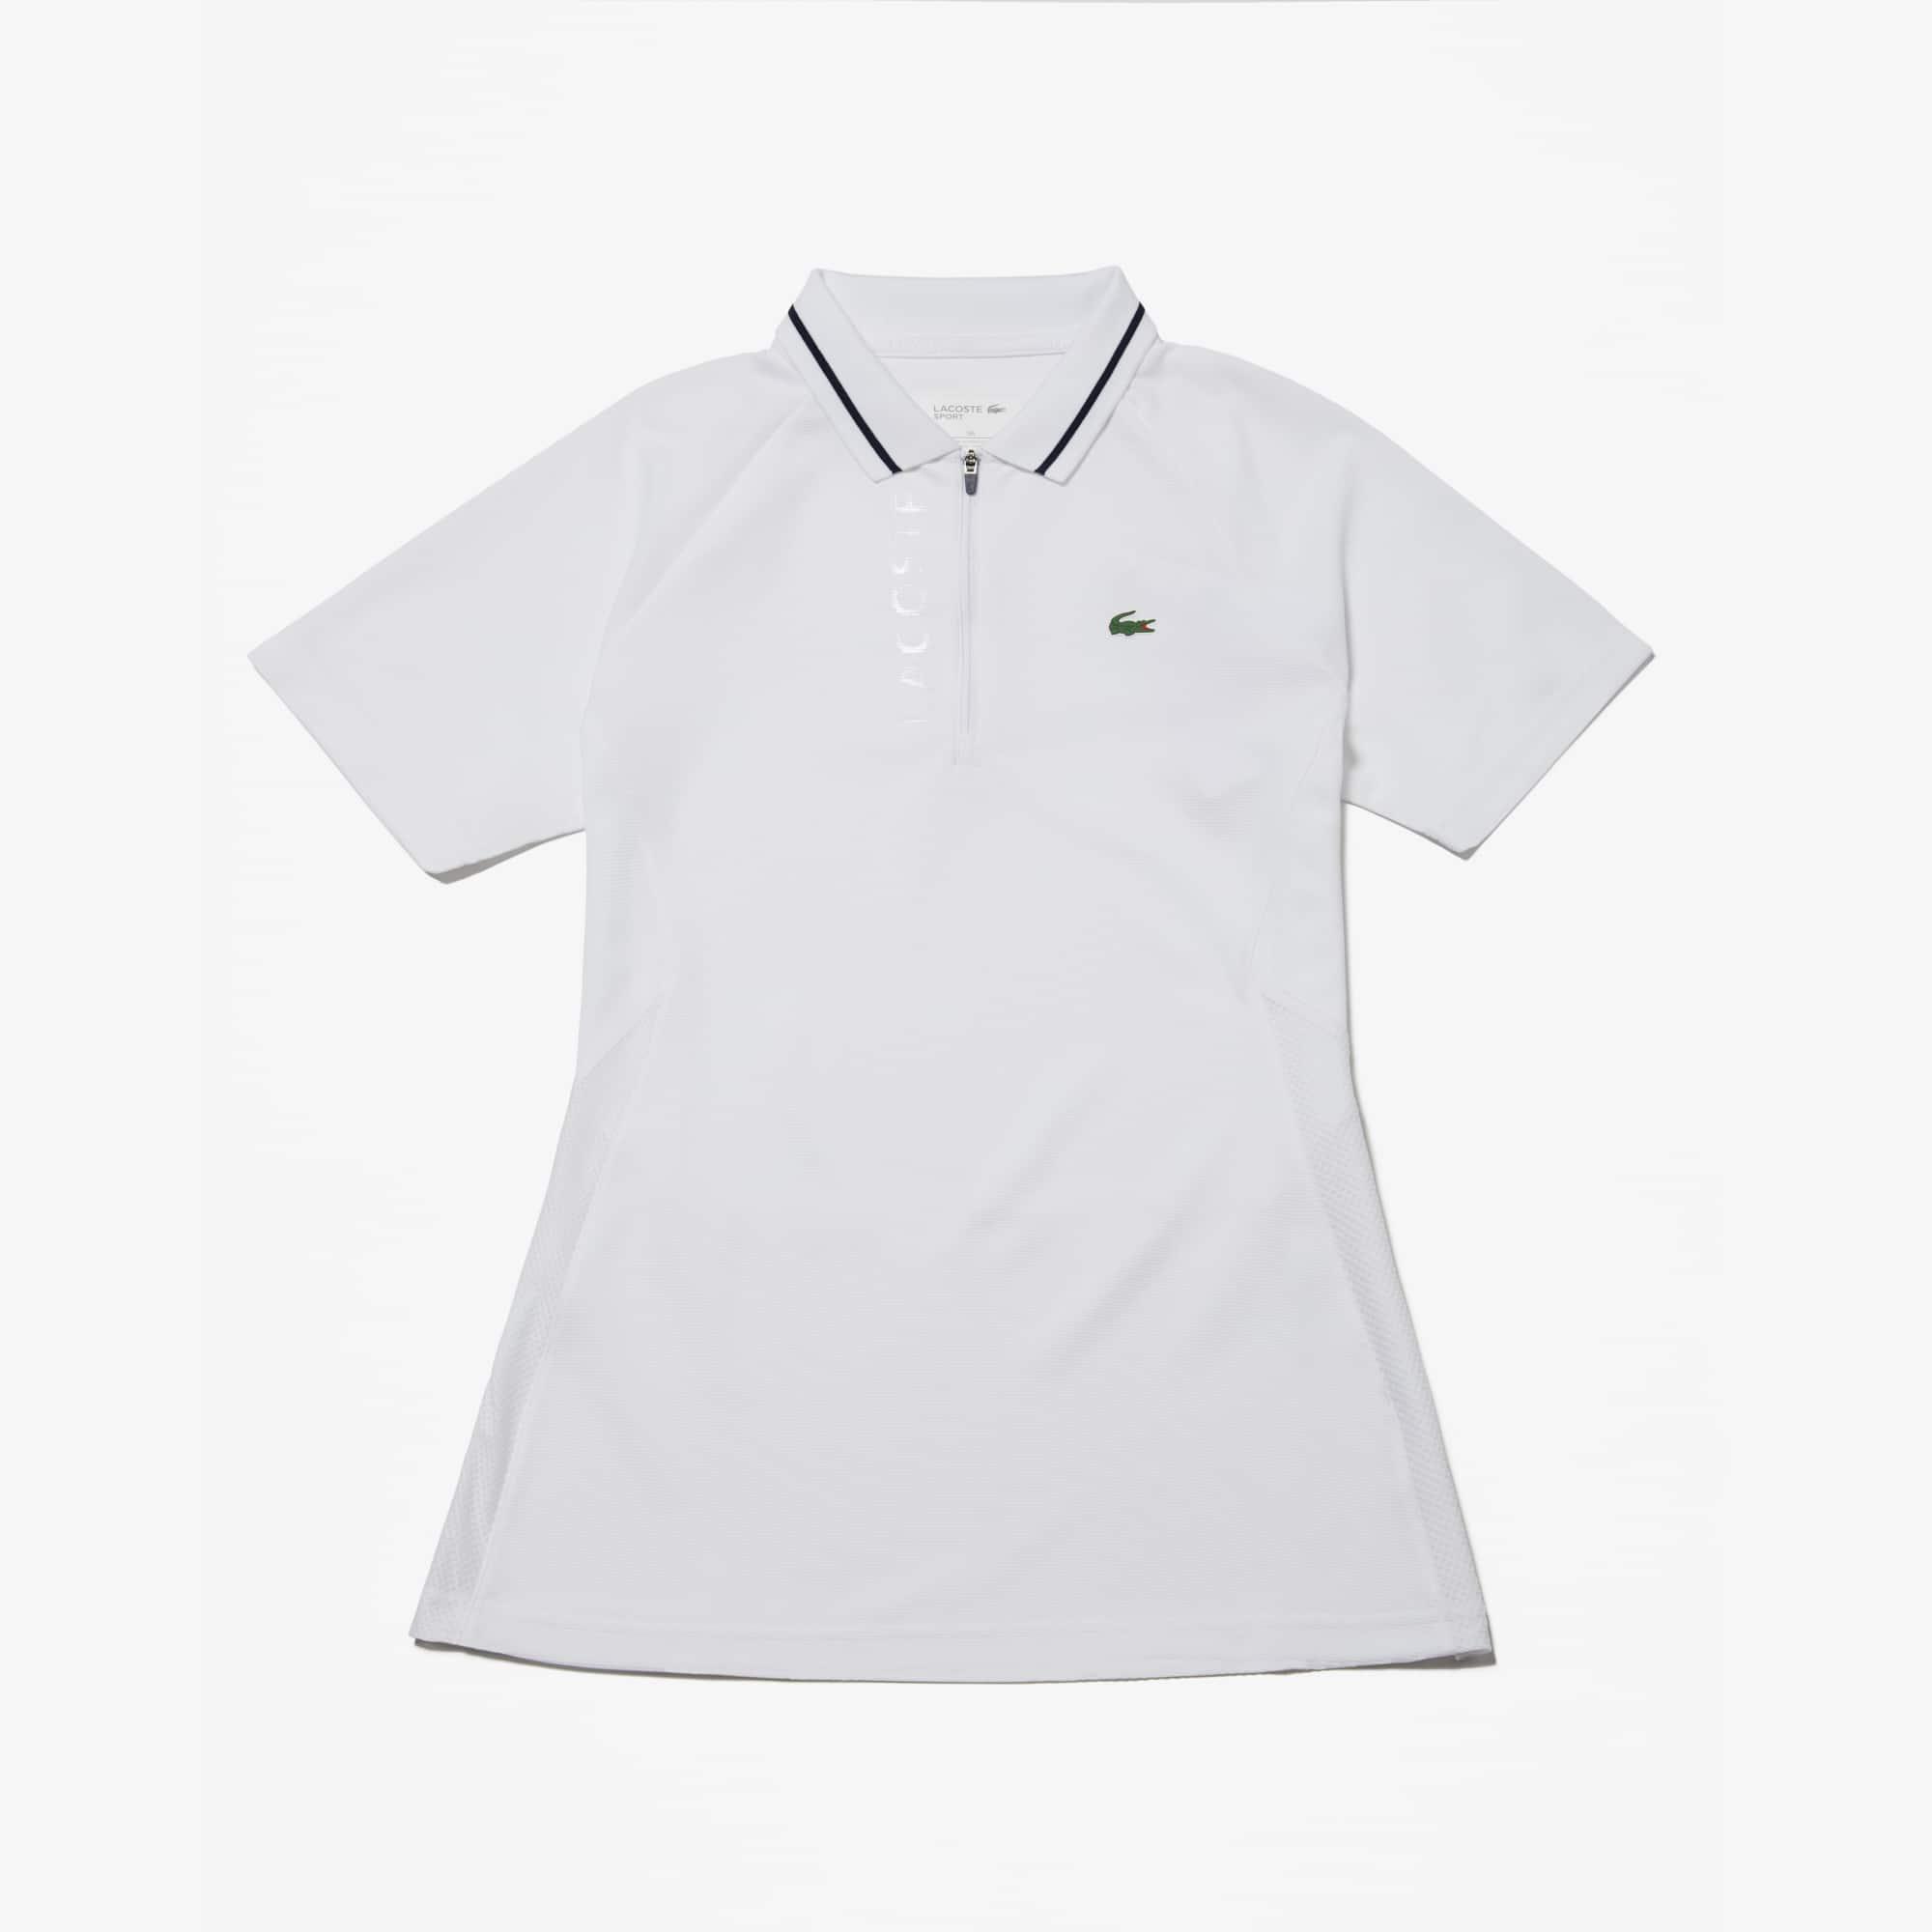 라코스테 스포츠 테니스 반팔 티셔츠 Lacoste Womens SPORT Technical Golf Polo,White / White / Navy Blue